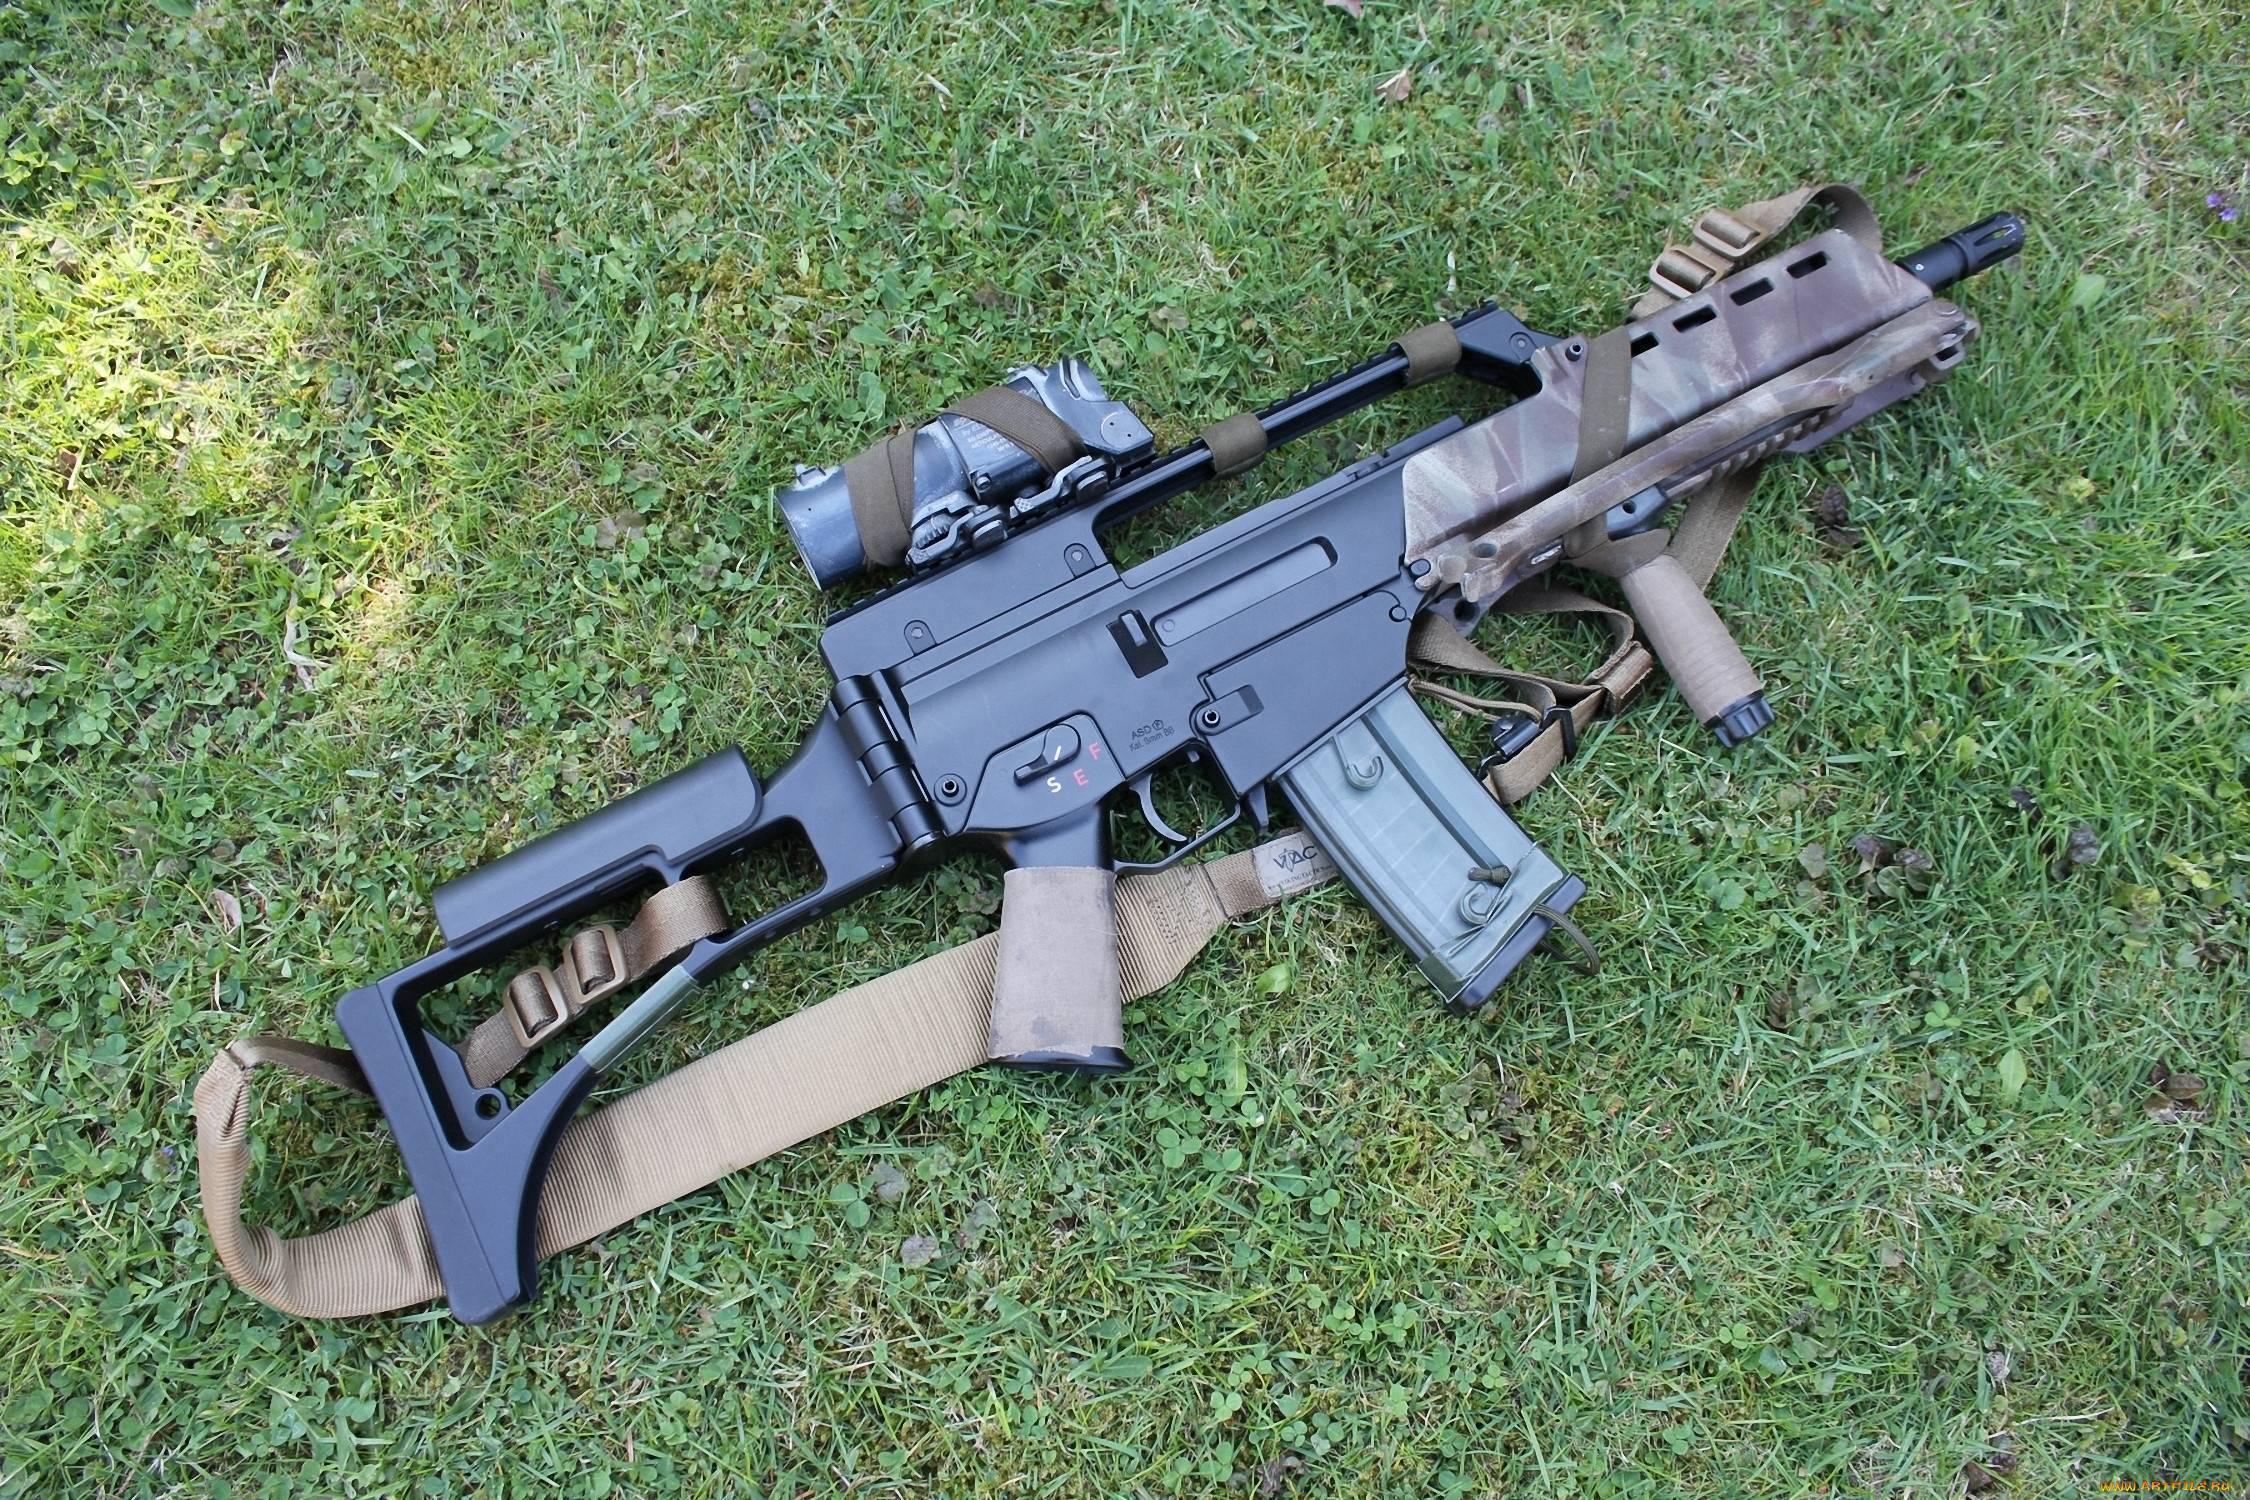 Штурмовые винтовки африки — лучшие современные боевые образцы